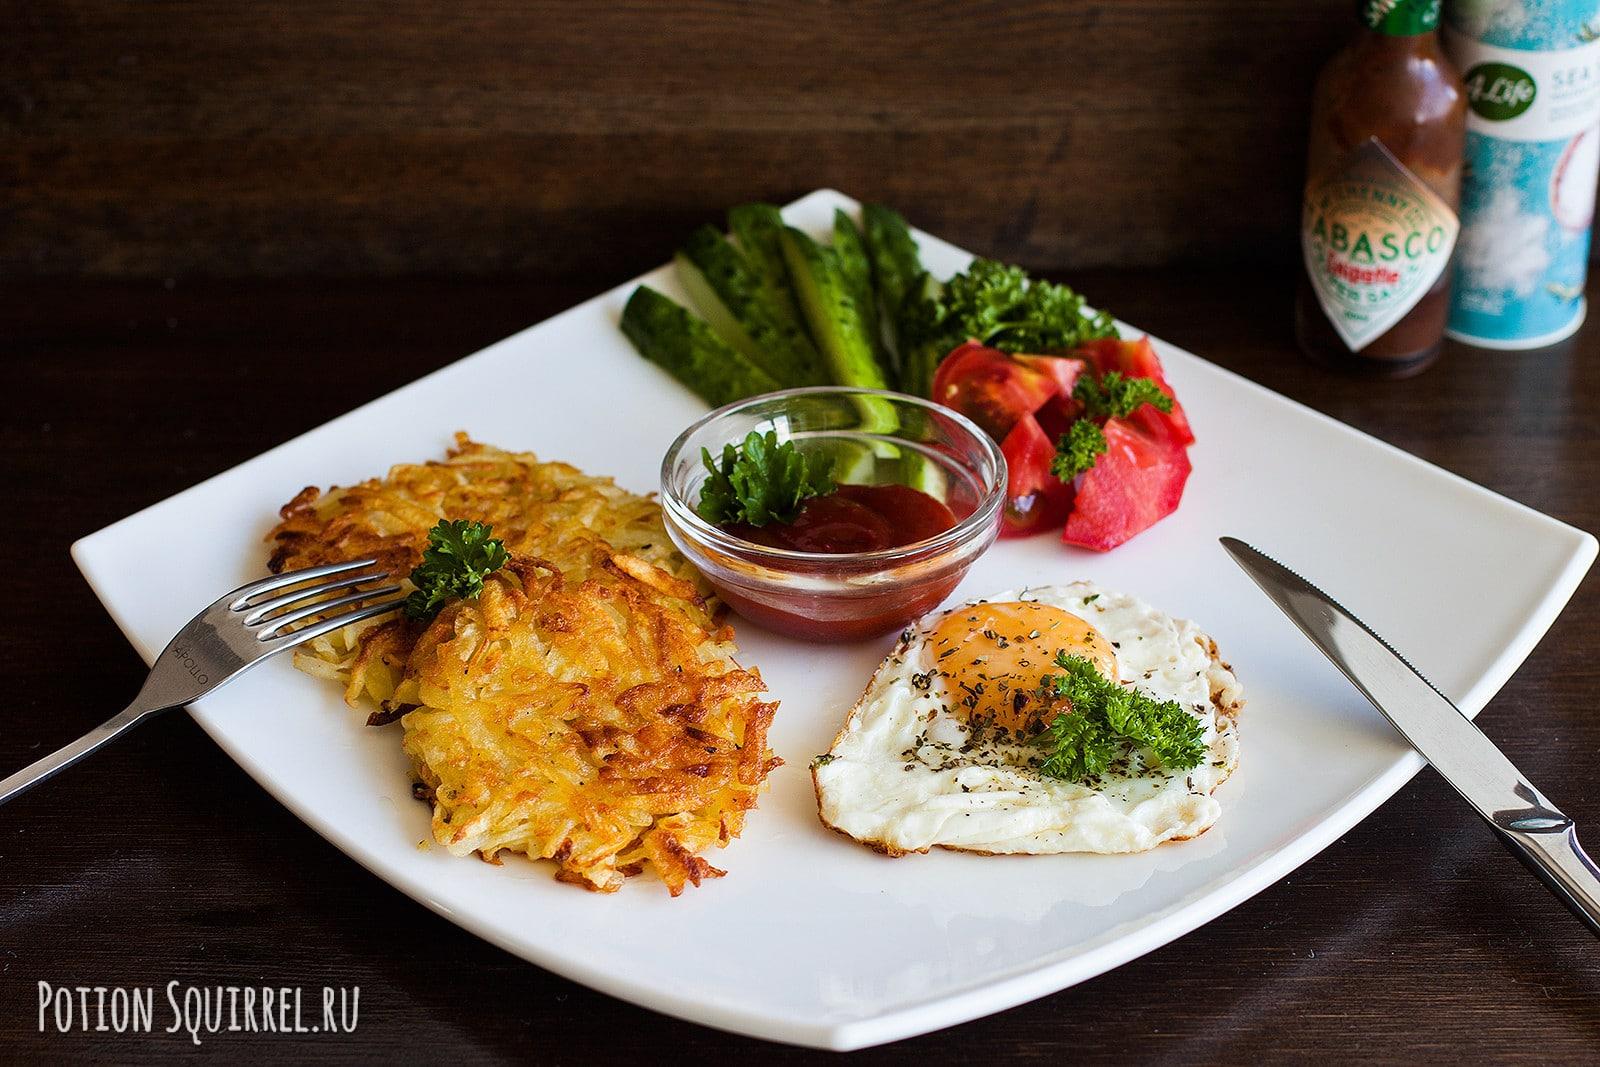 Простой и вкусный рецепт хашбрауна с яичницей-глазуньей от potionsquirrel.ru